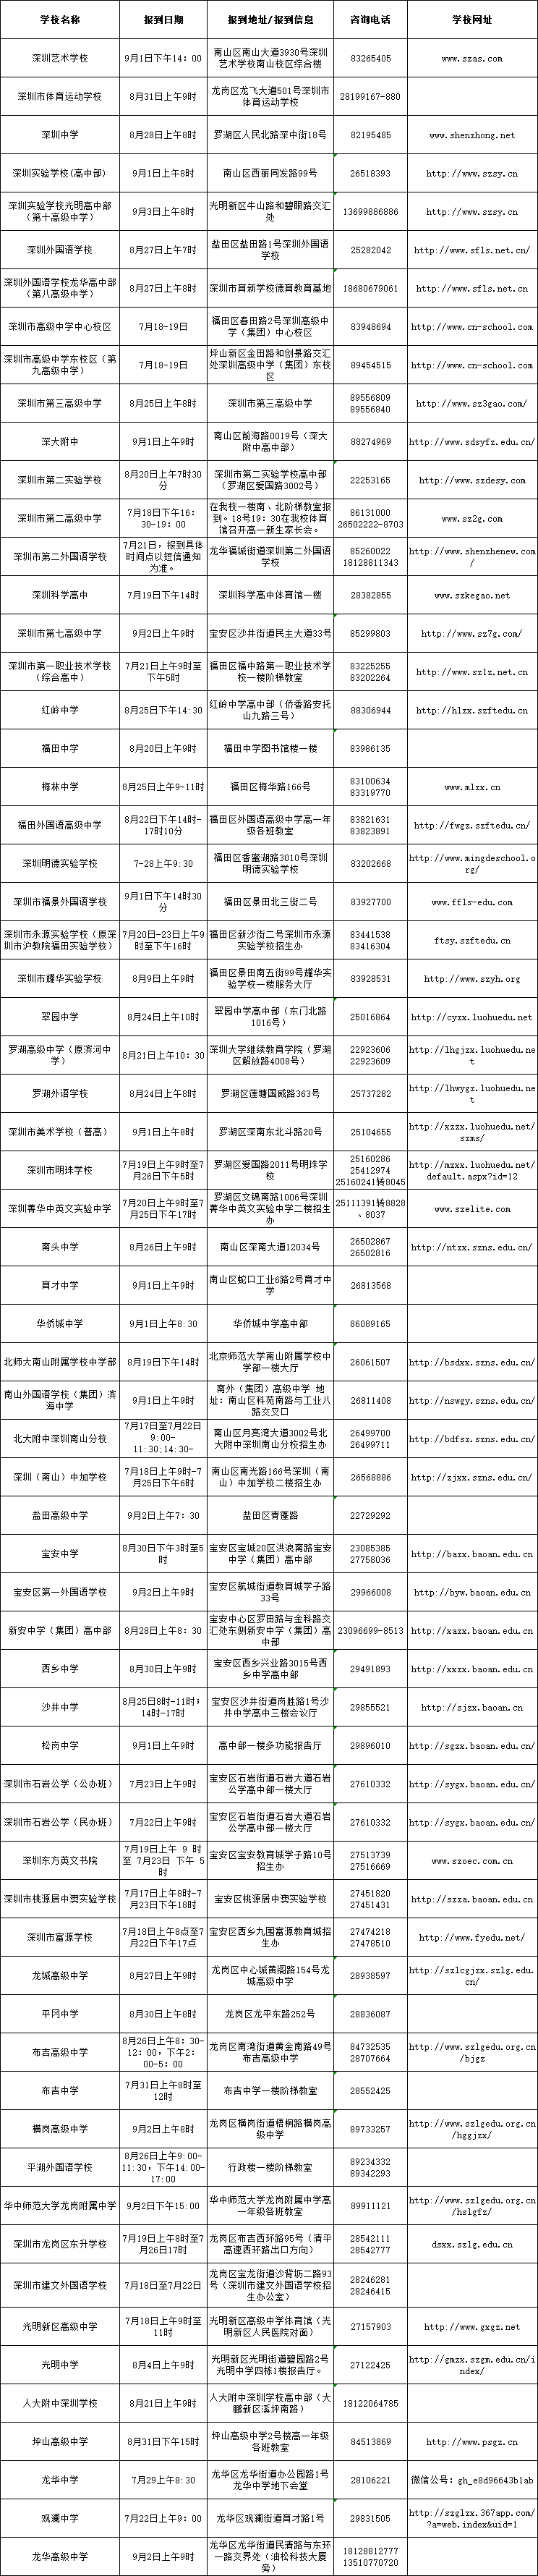 深圳市2018年中招录取学校高一新生报到信息(第一批+第二批)